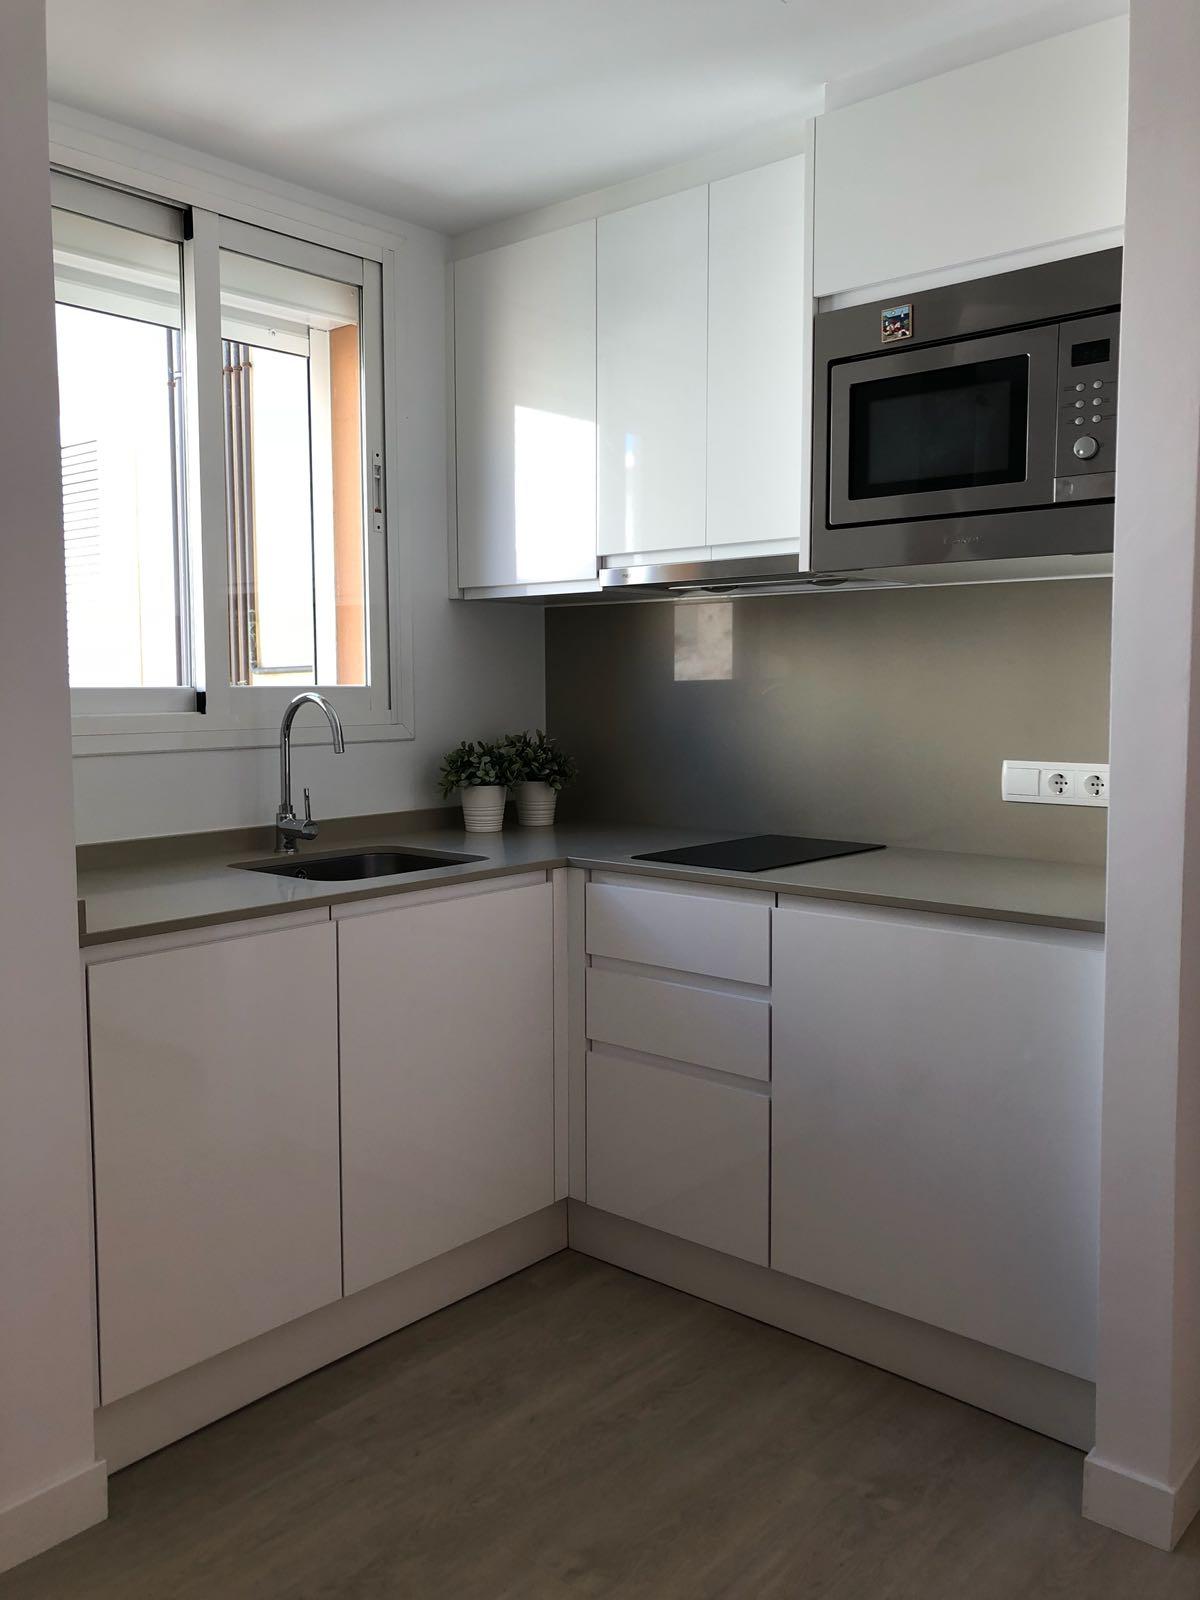 Cocinas-vallori (12)